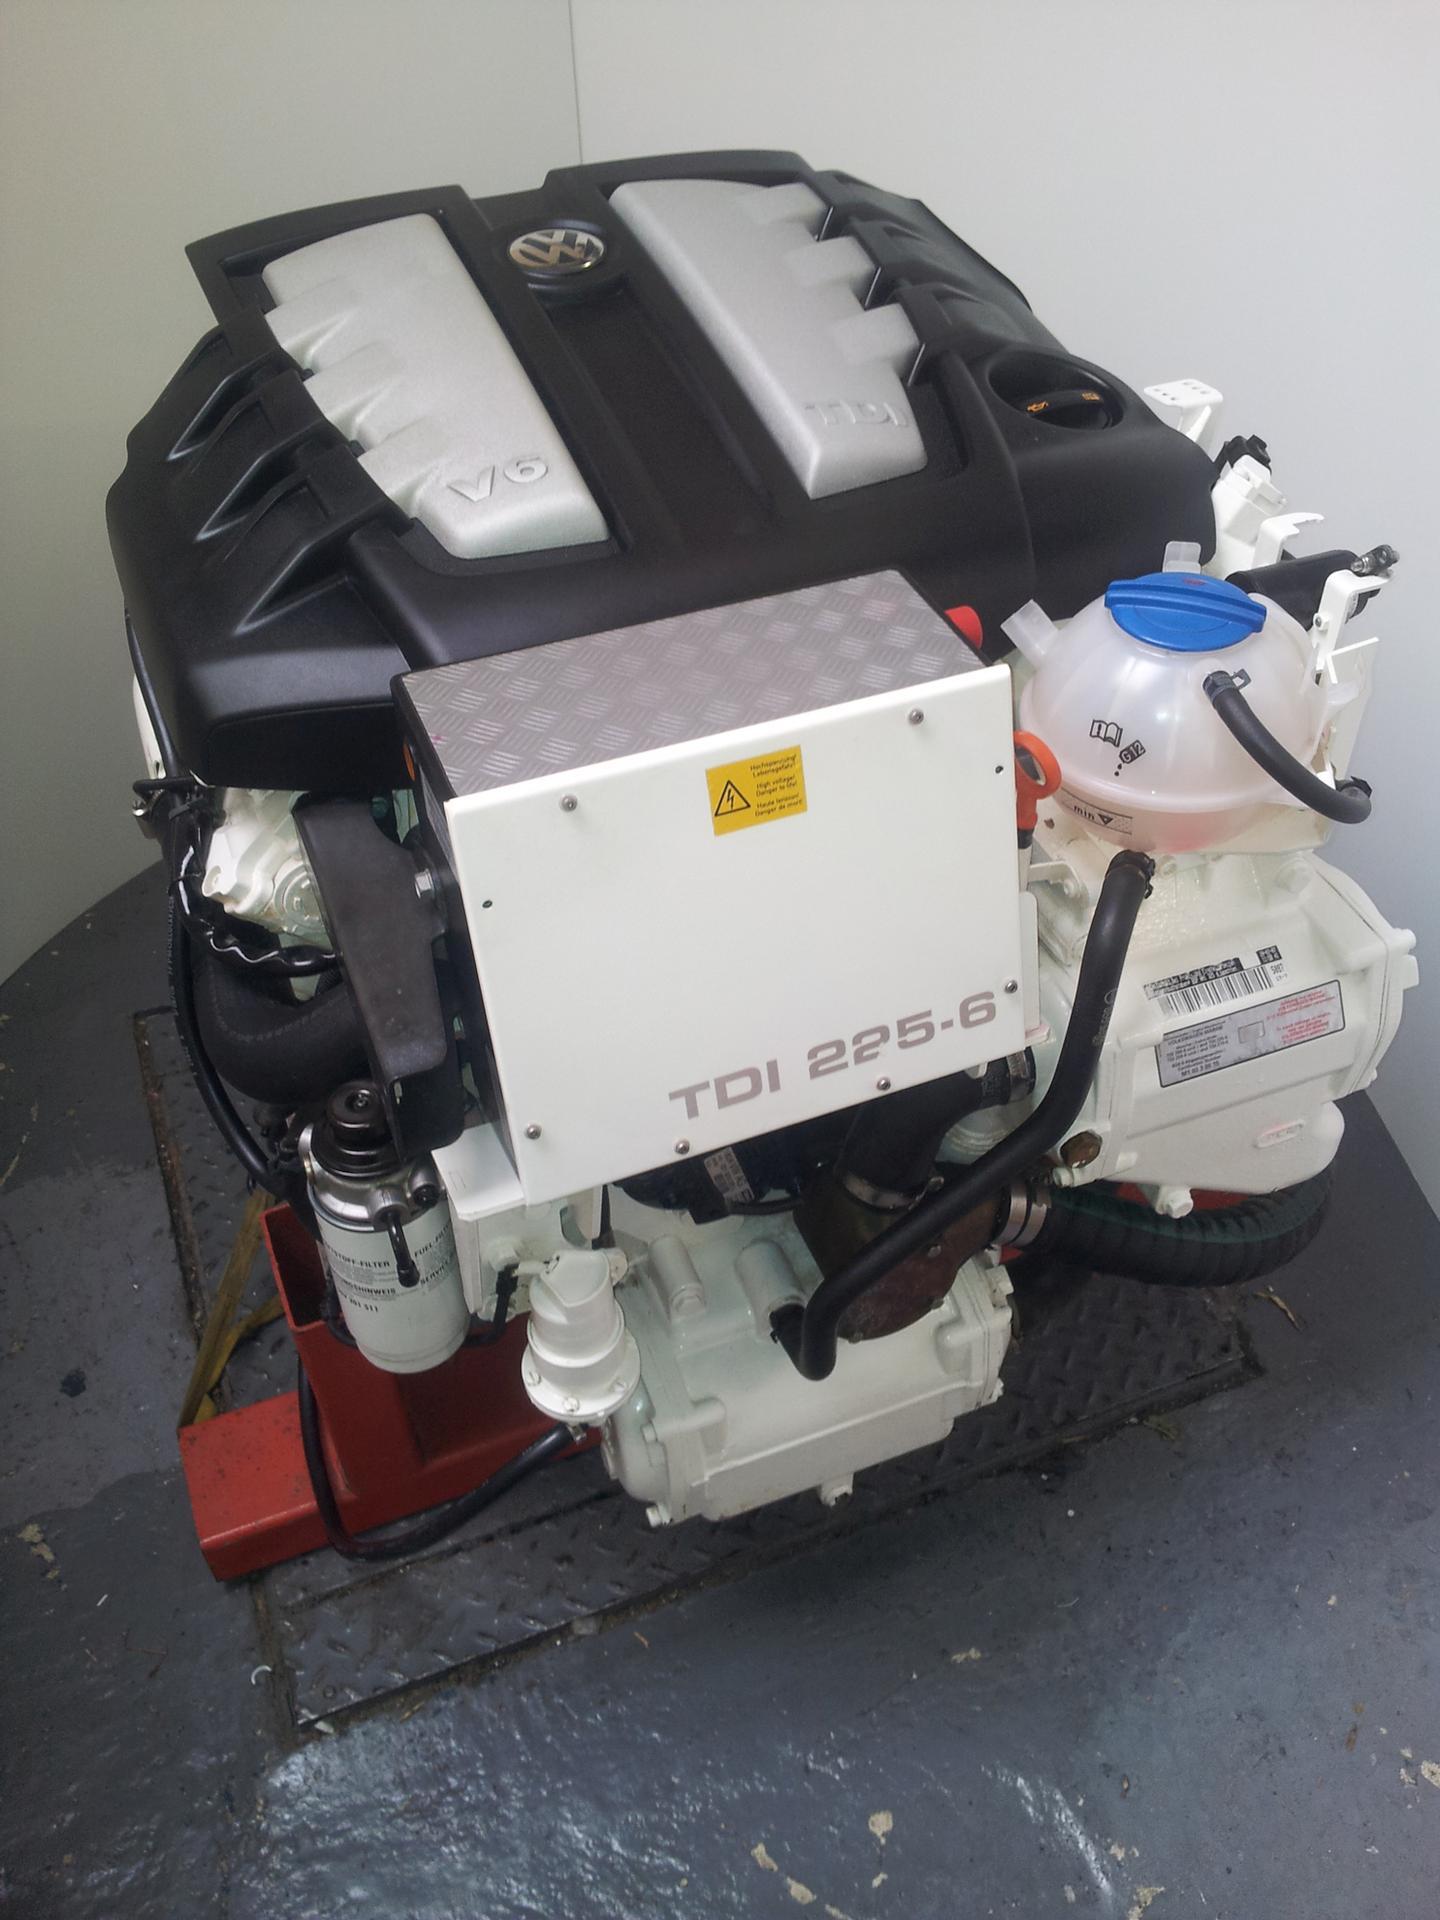 TDI 225 6 Diesel Engine